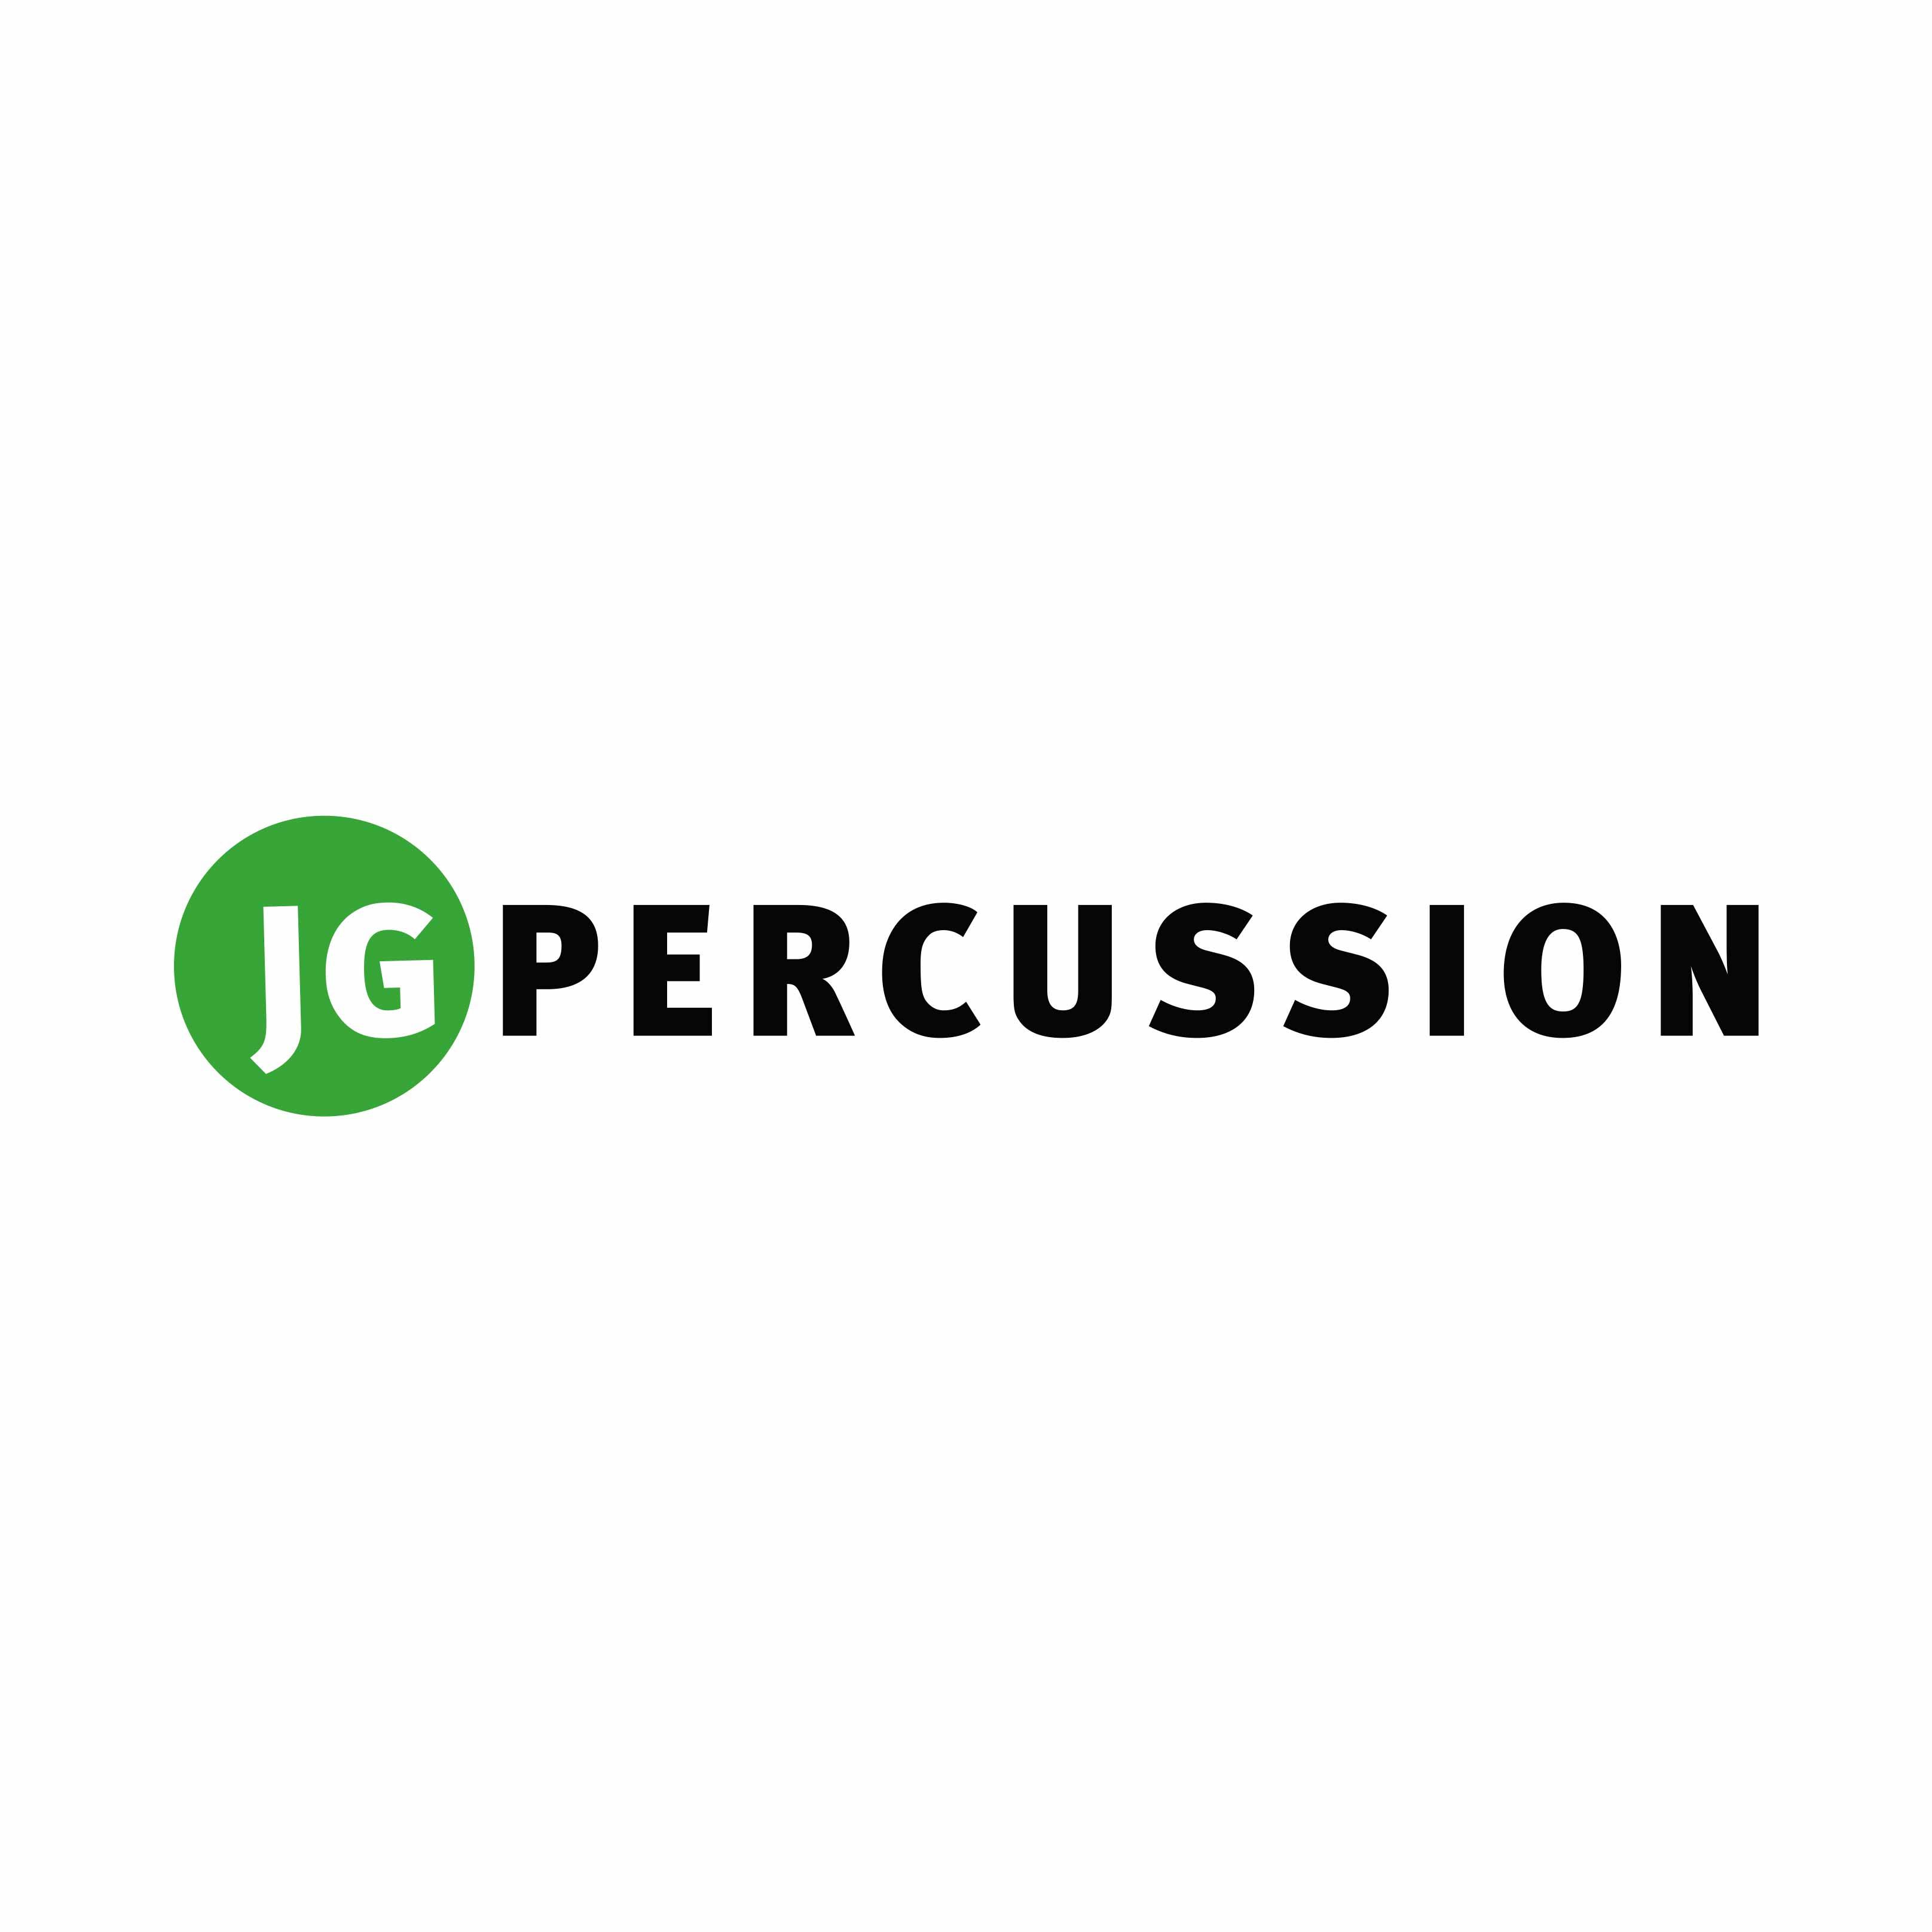 JGpercussion